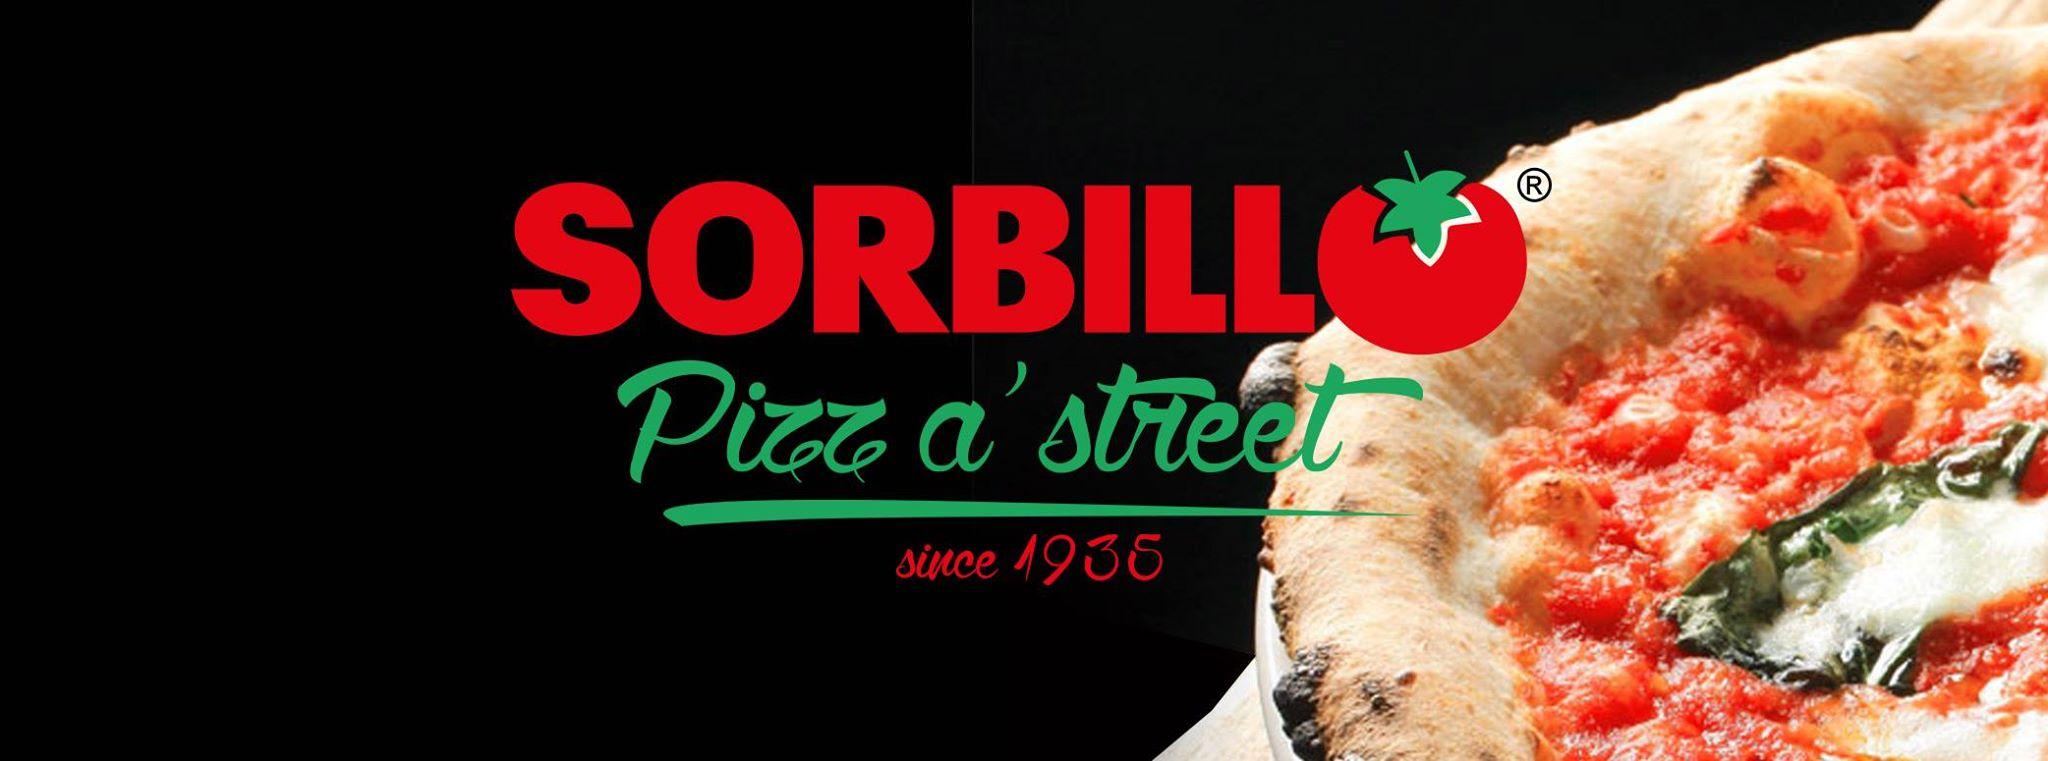 Sorbillo Roma lungotevere: pizze, orari, prezzi e recensione